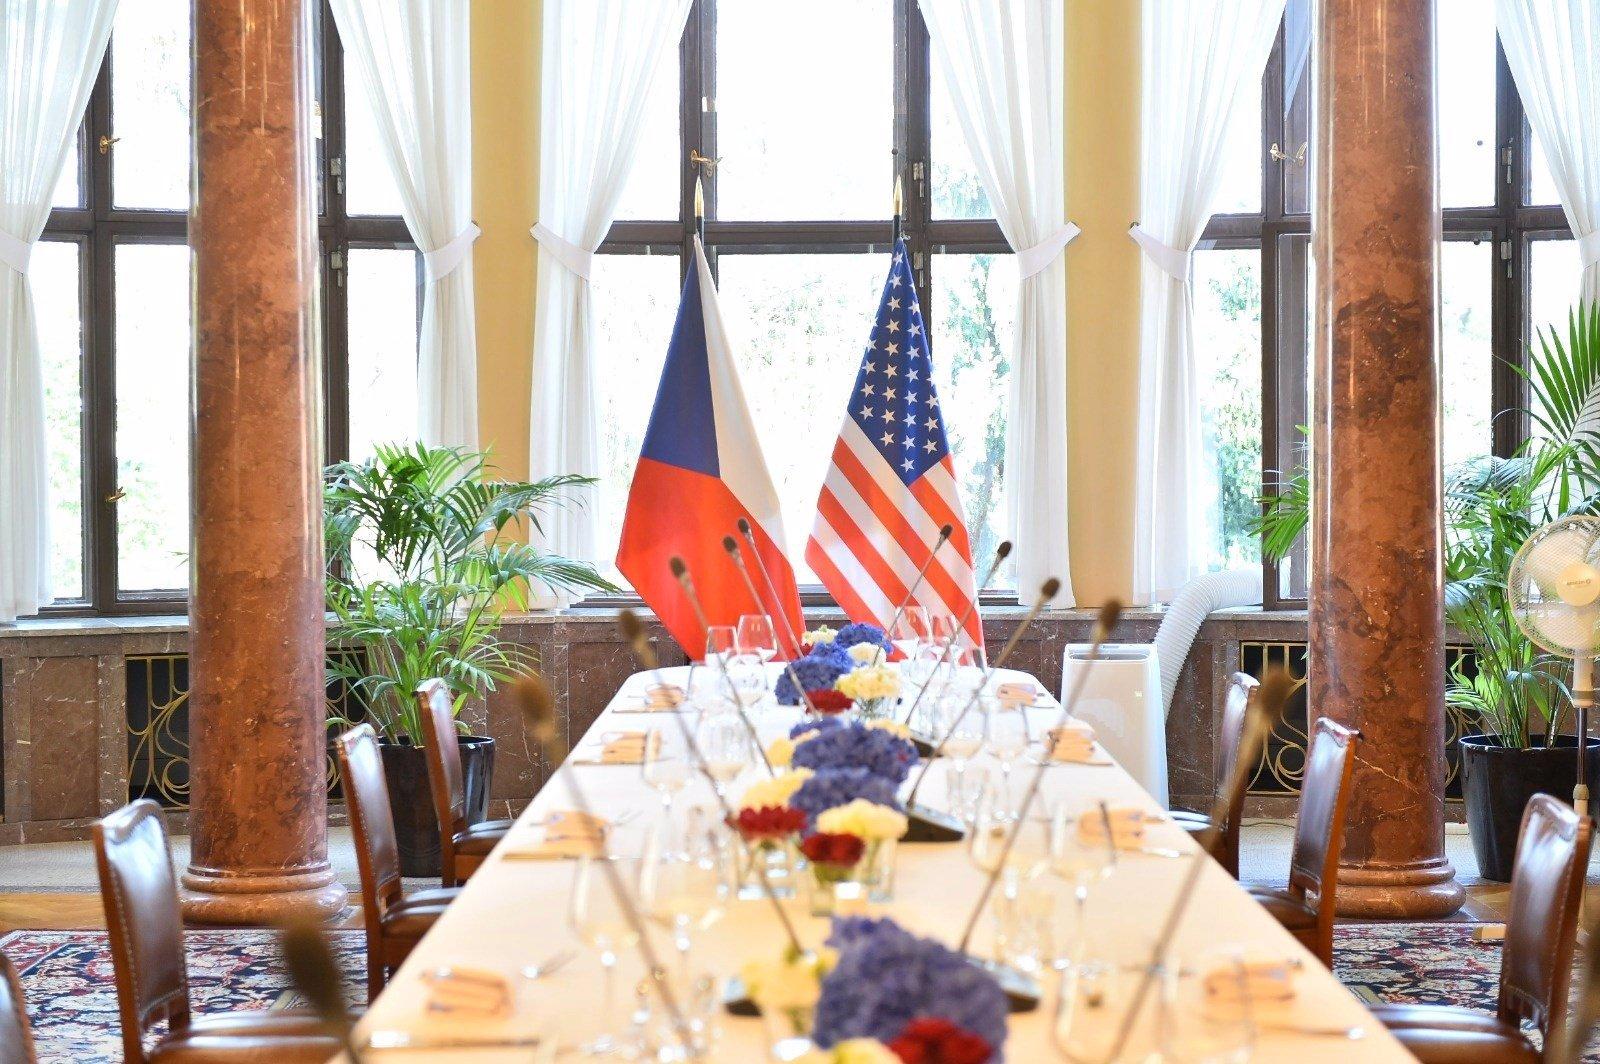 Babišovi přivítali delegaci z USA v Kramářově vile: Mike Pompeo dostal od premiéra honosný dar